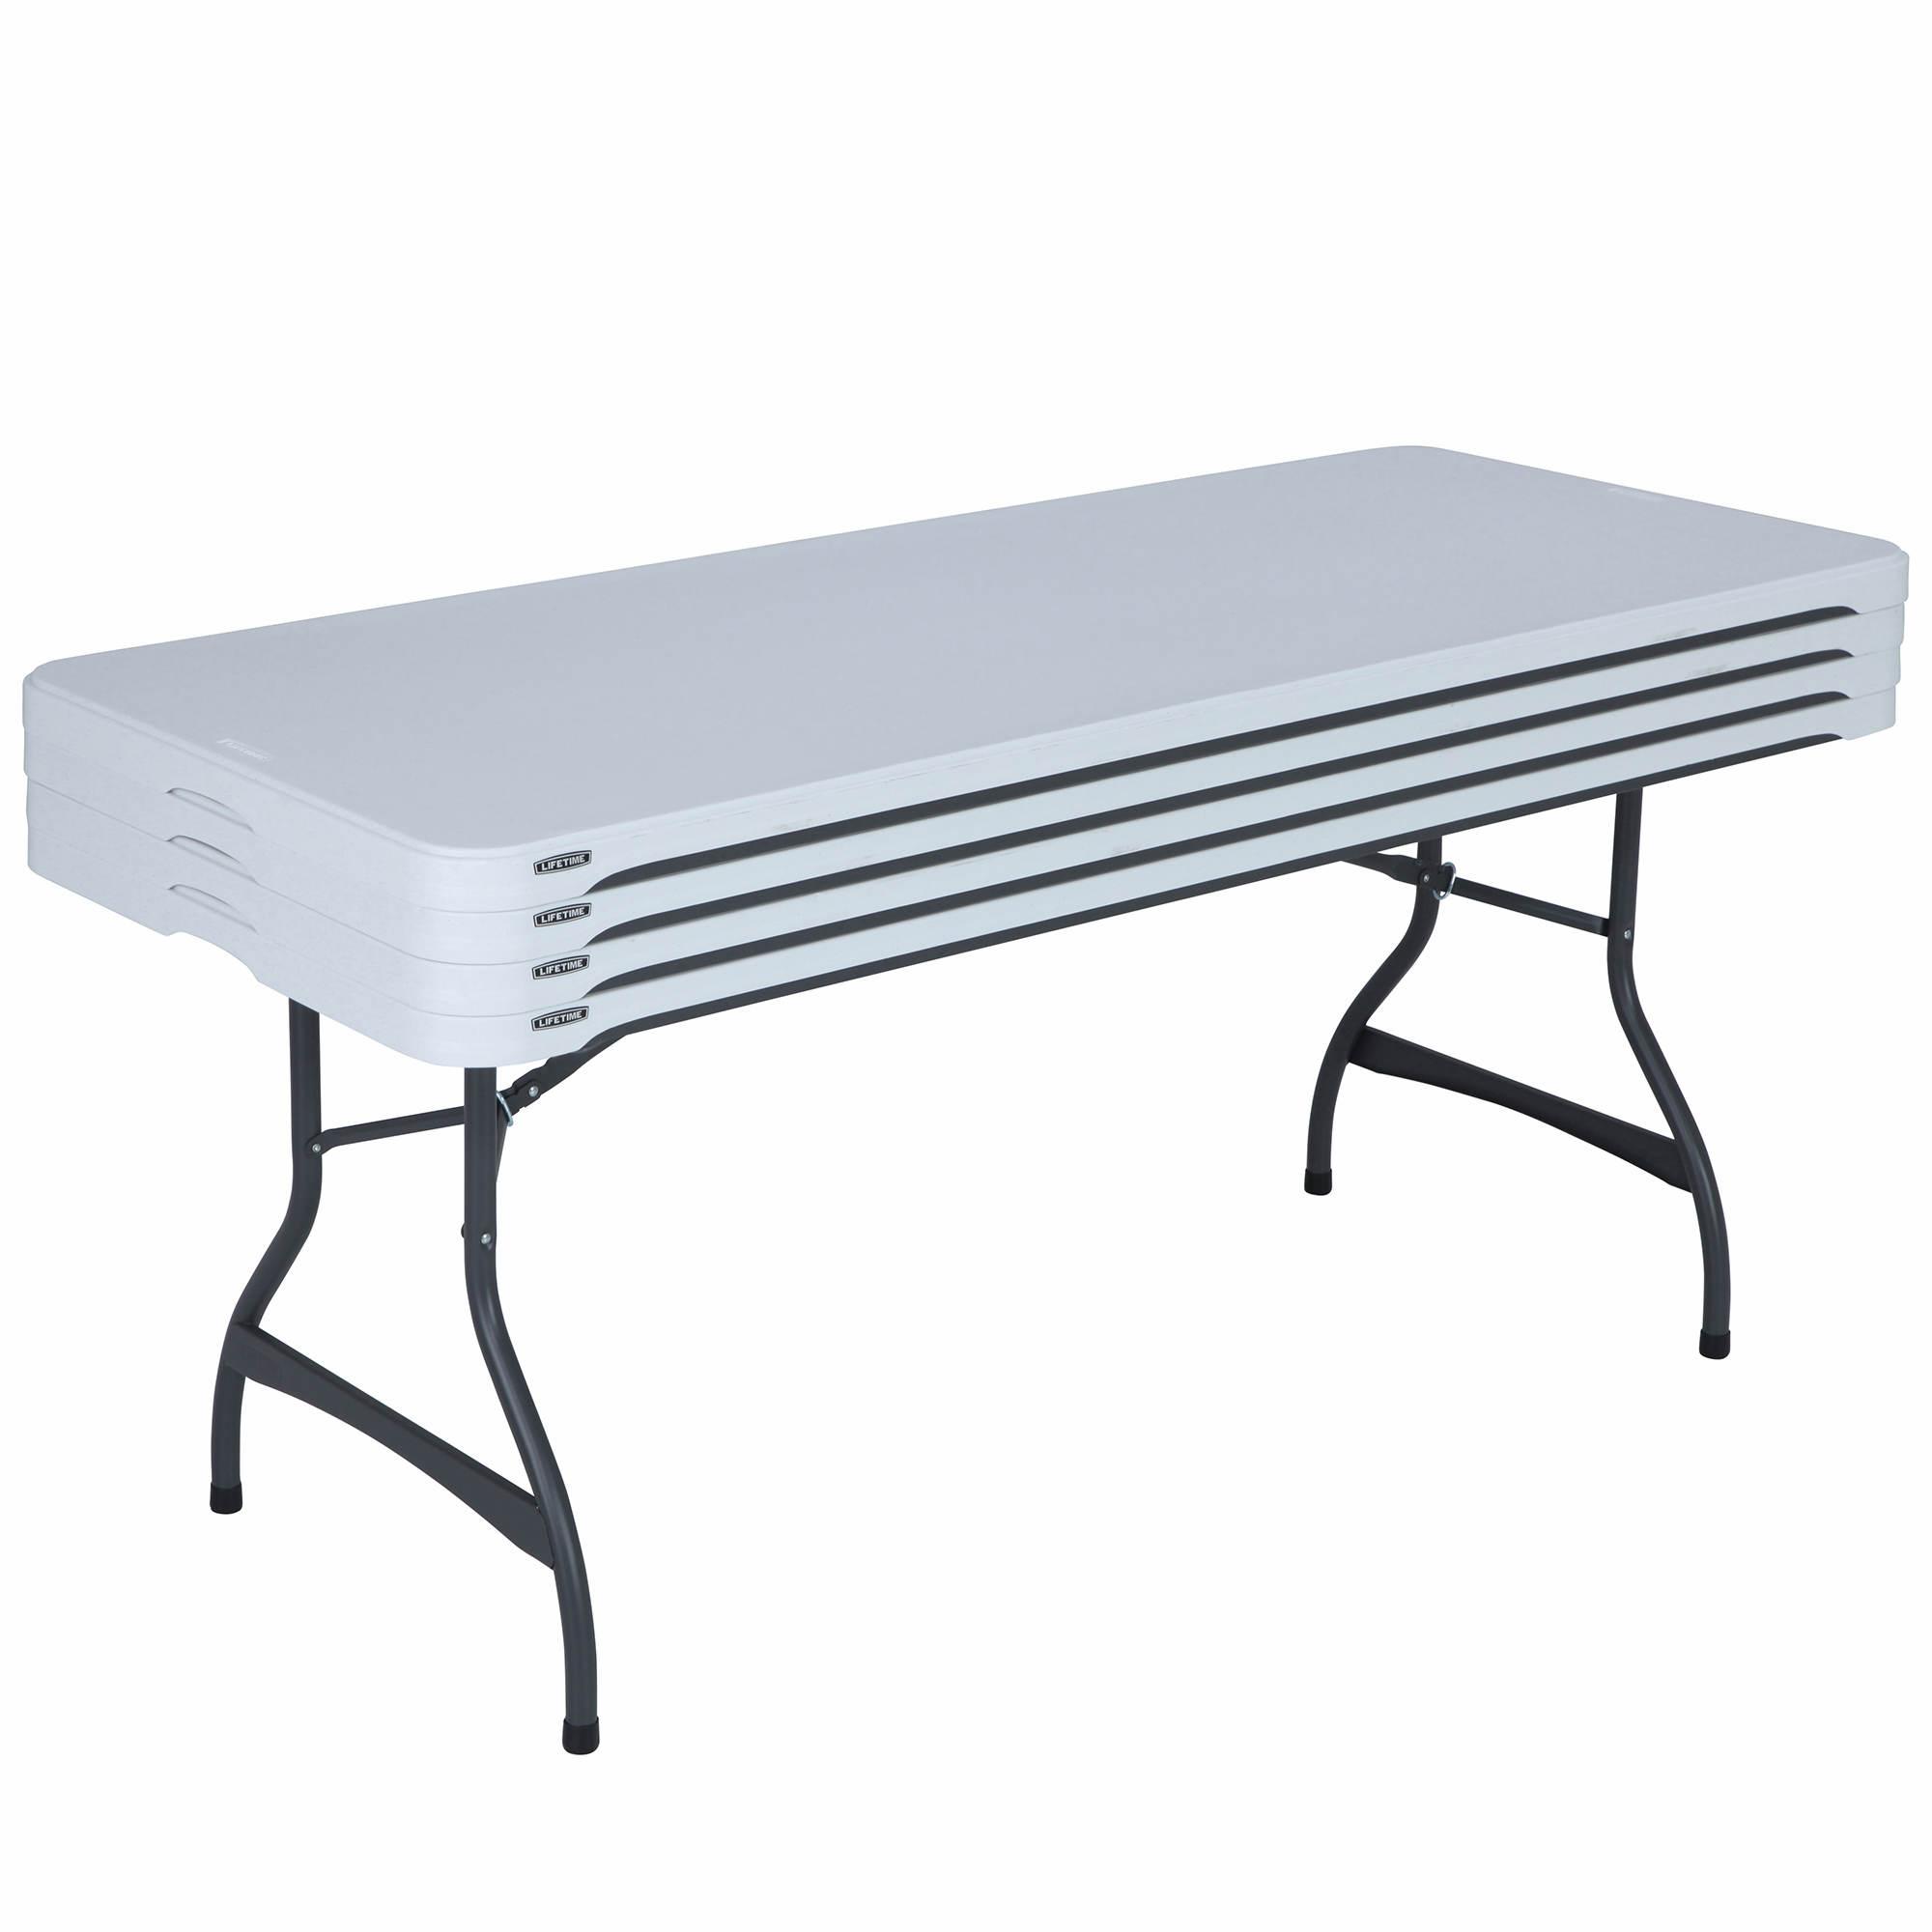 Lifetime 6' Commercial Folding Table, 4pk. - White